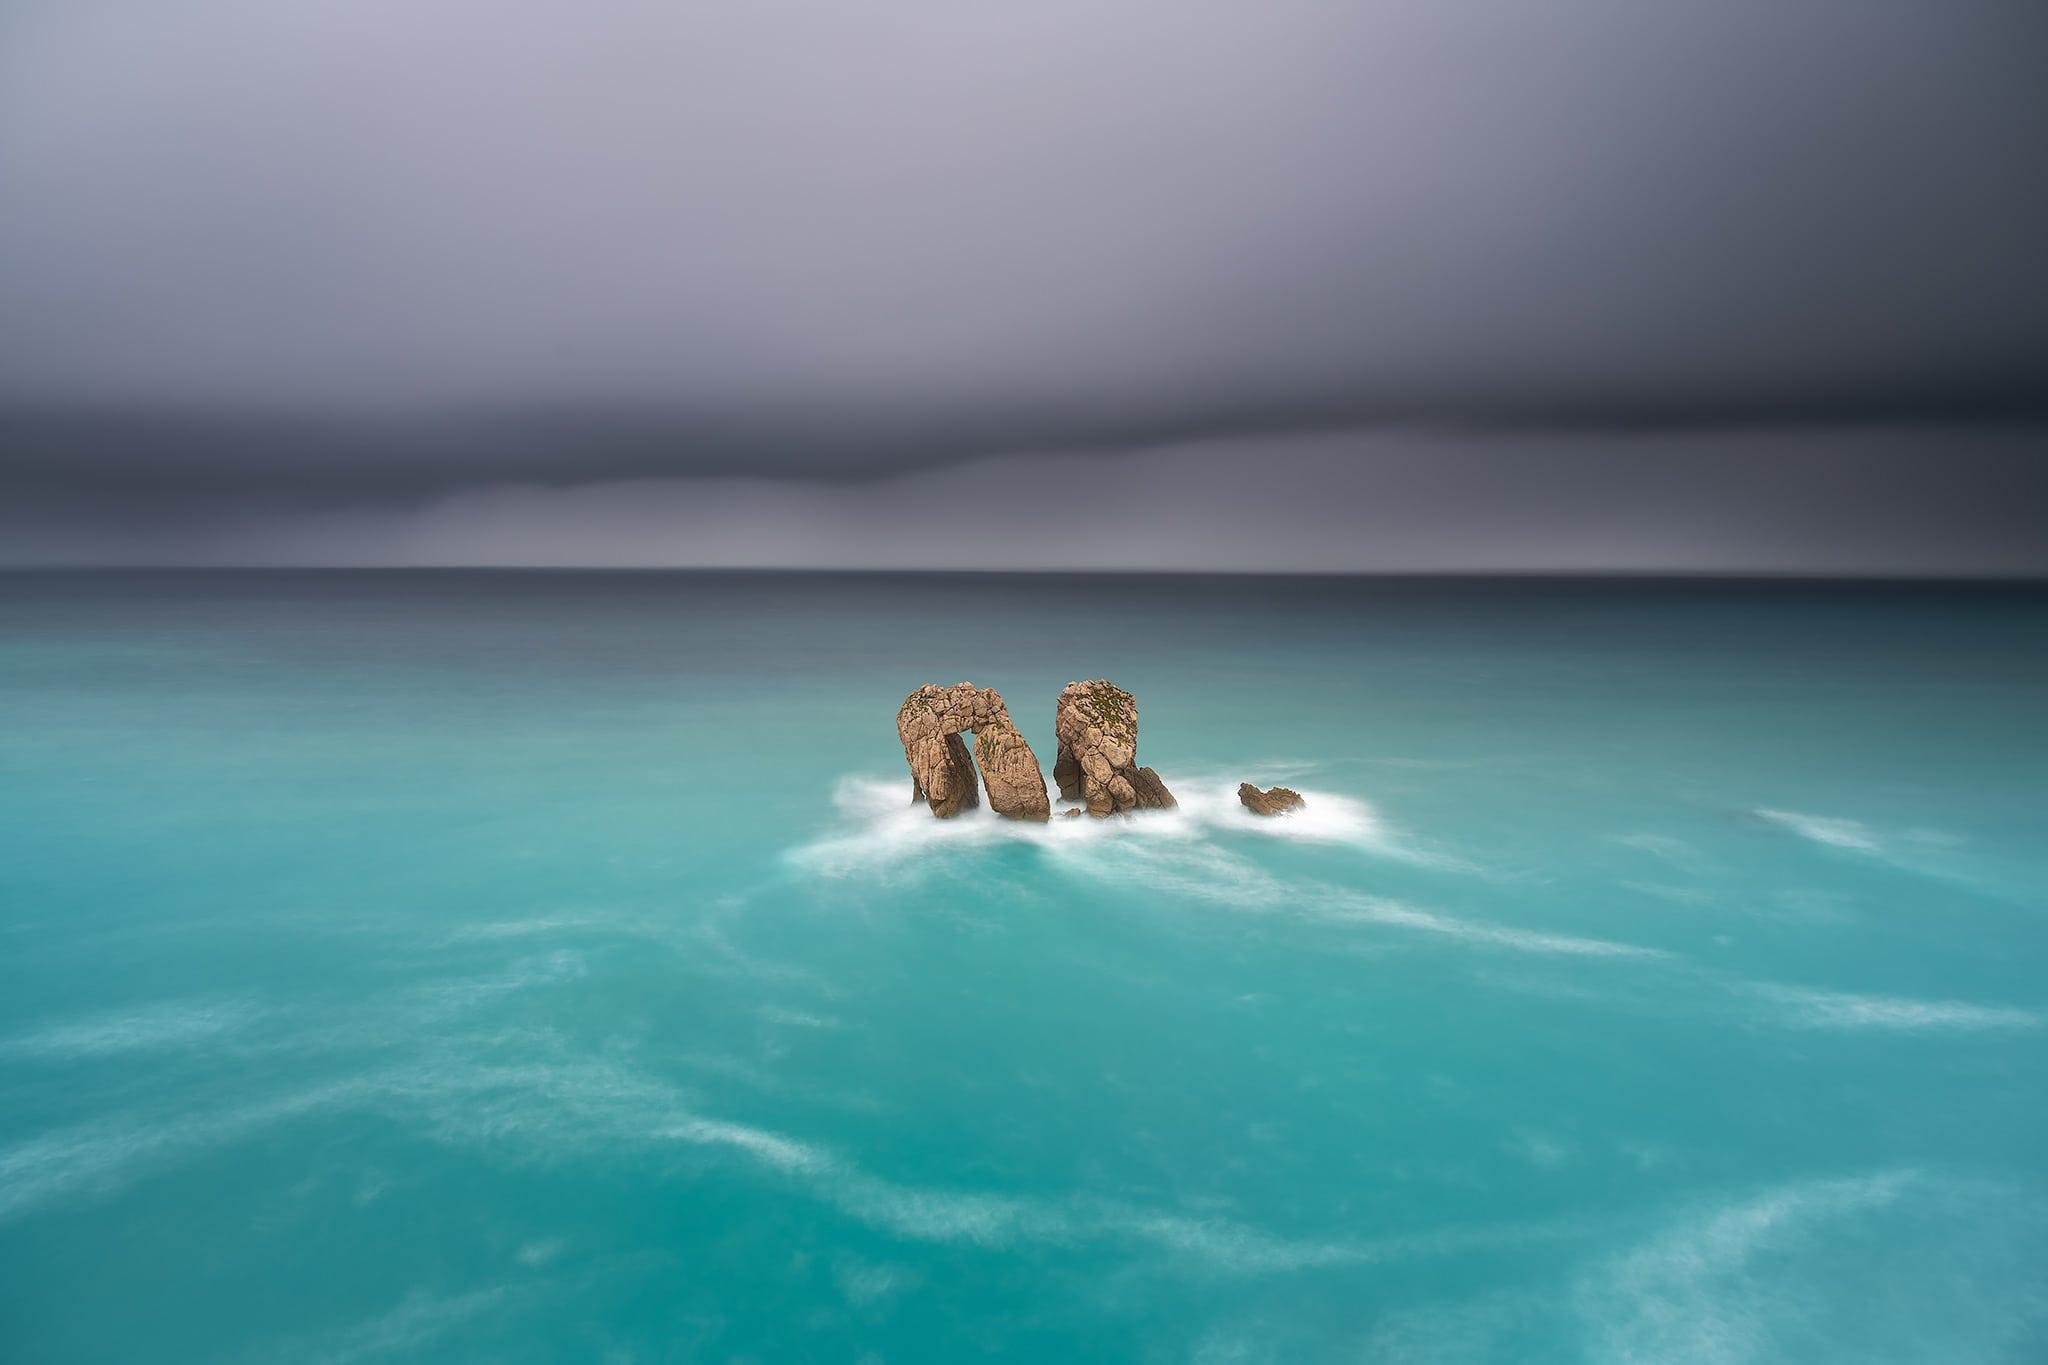 Francesco Gola Seascape Long Exposure Photography Landscape Spain Europe Santander Liencres Storm